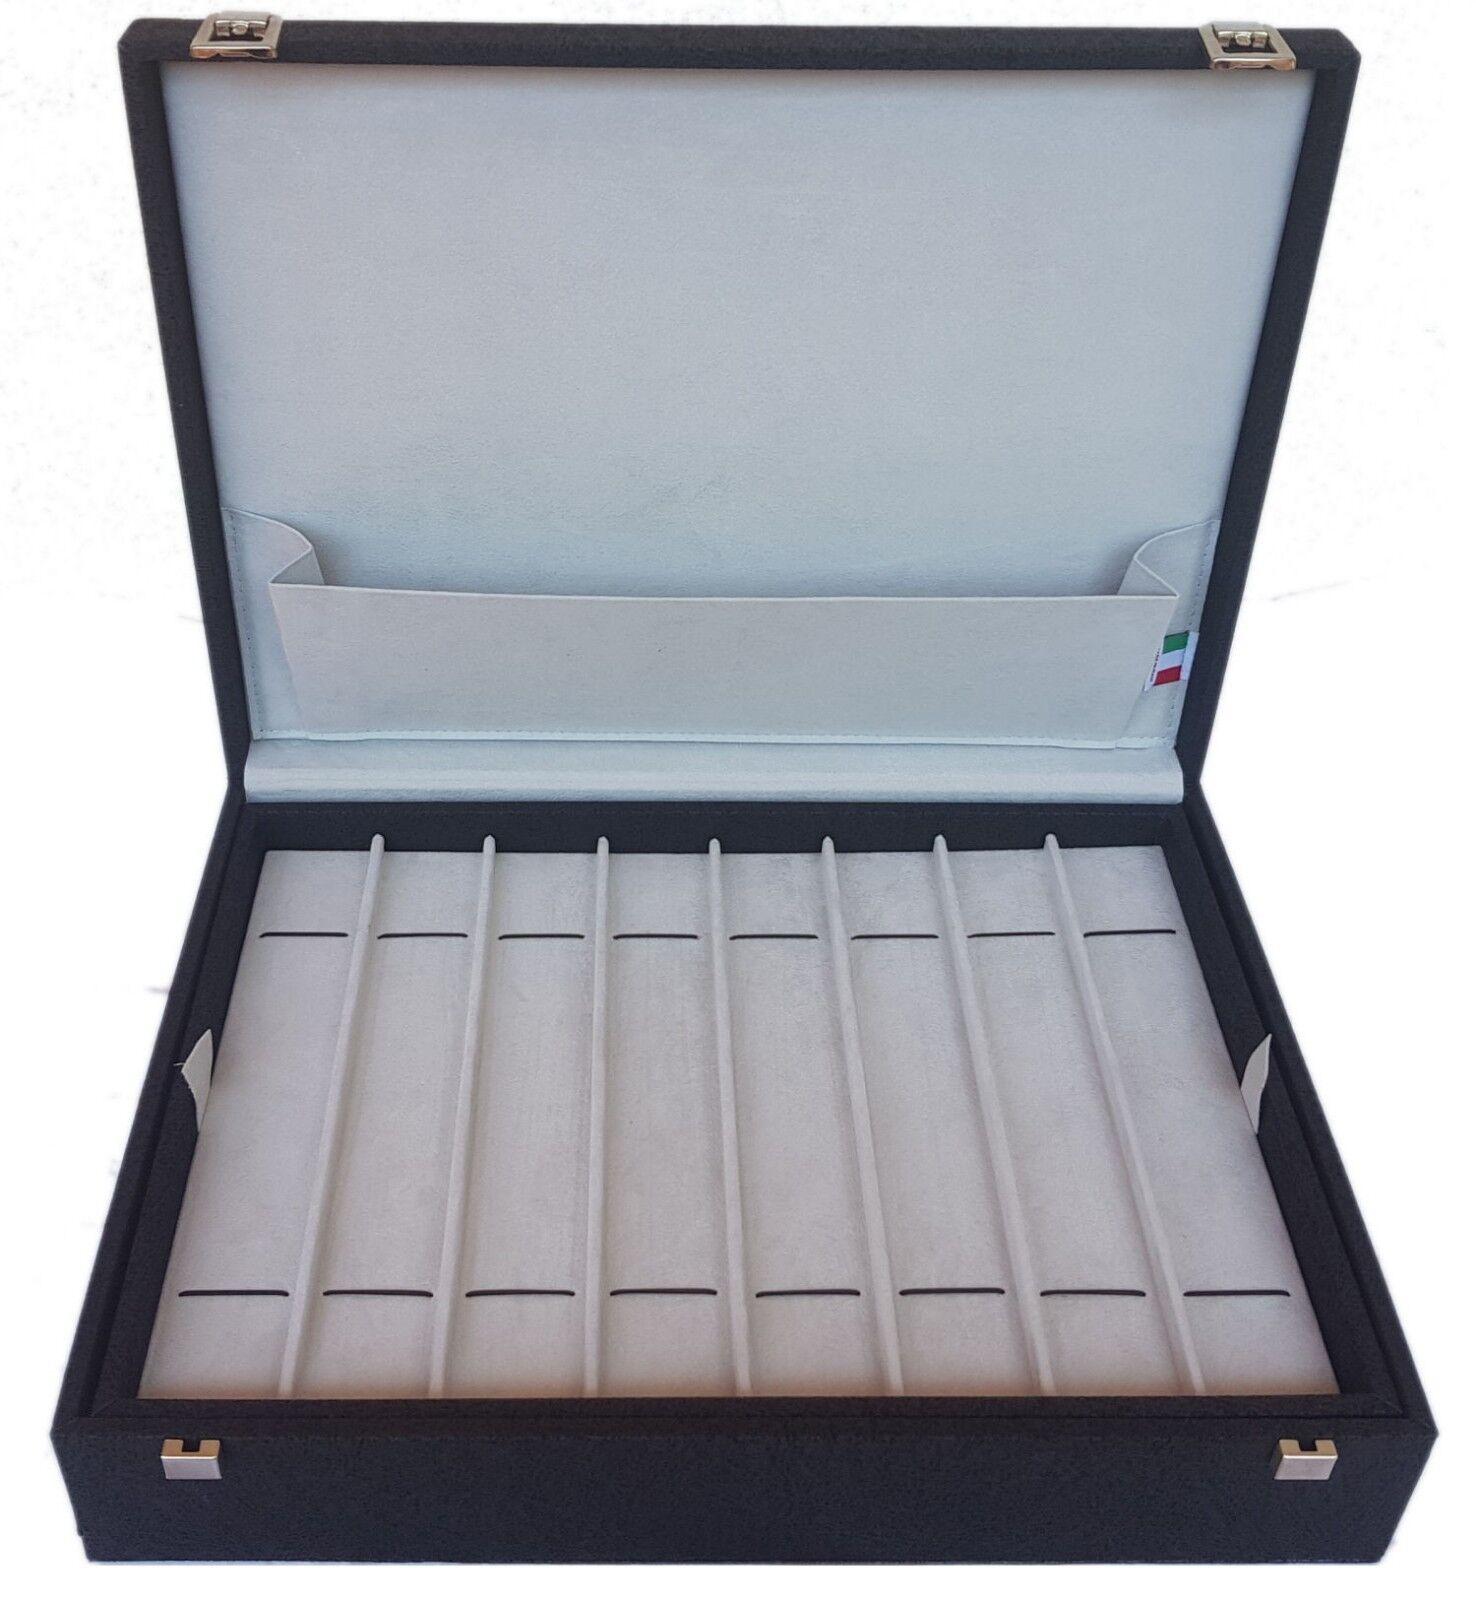 Portaorologi Portaorologi Portaorologi Campione Collections Cofanetto per 15 orologi Box distesi Scatola c2bdc5